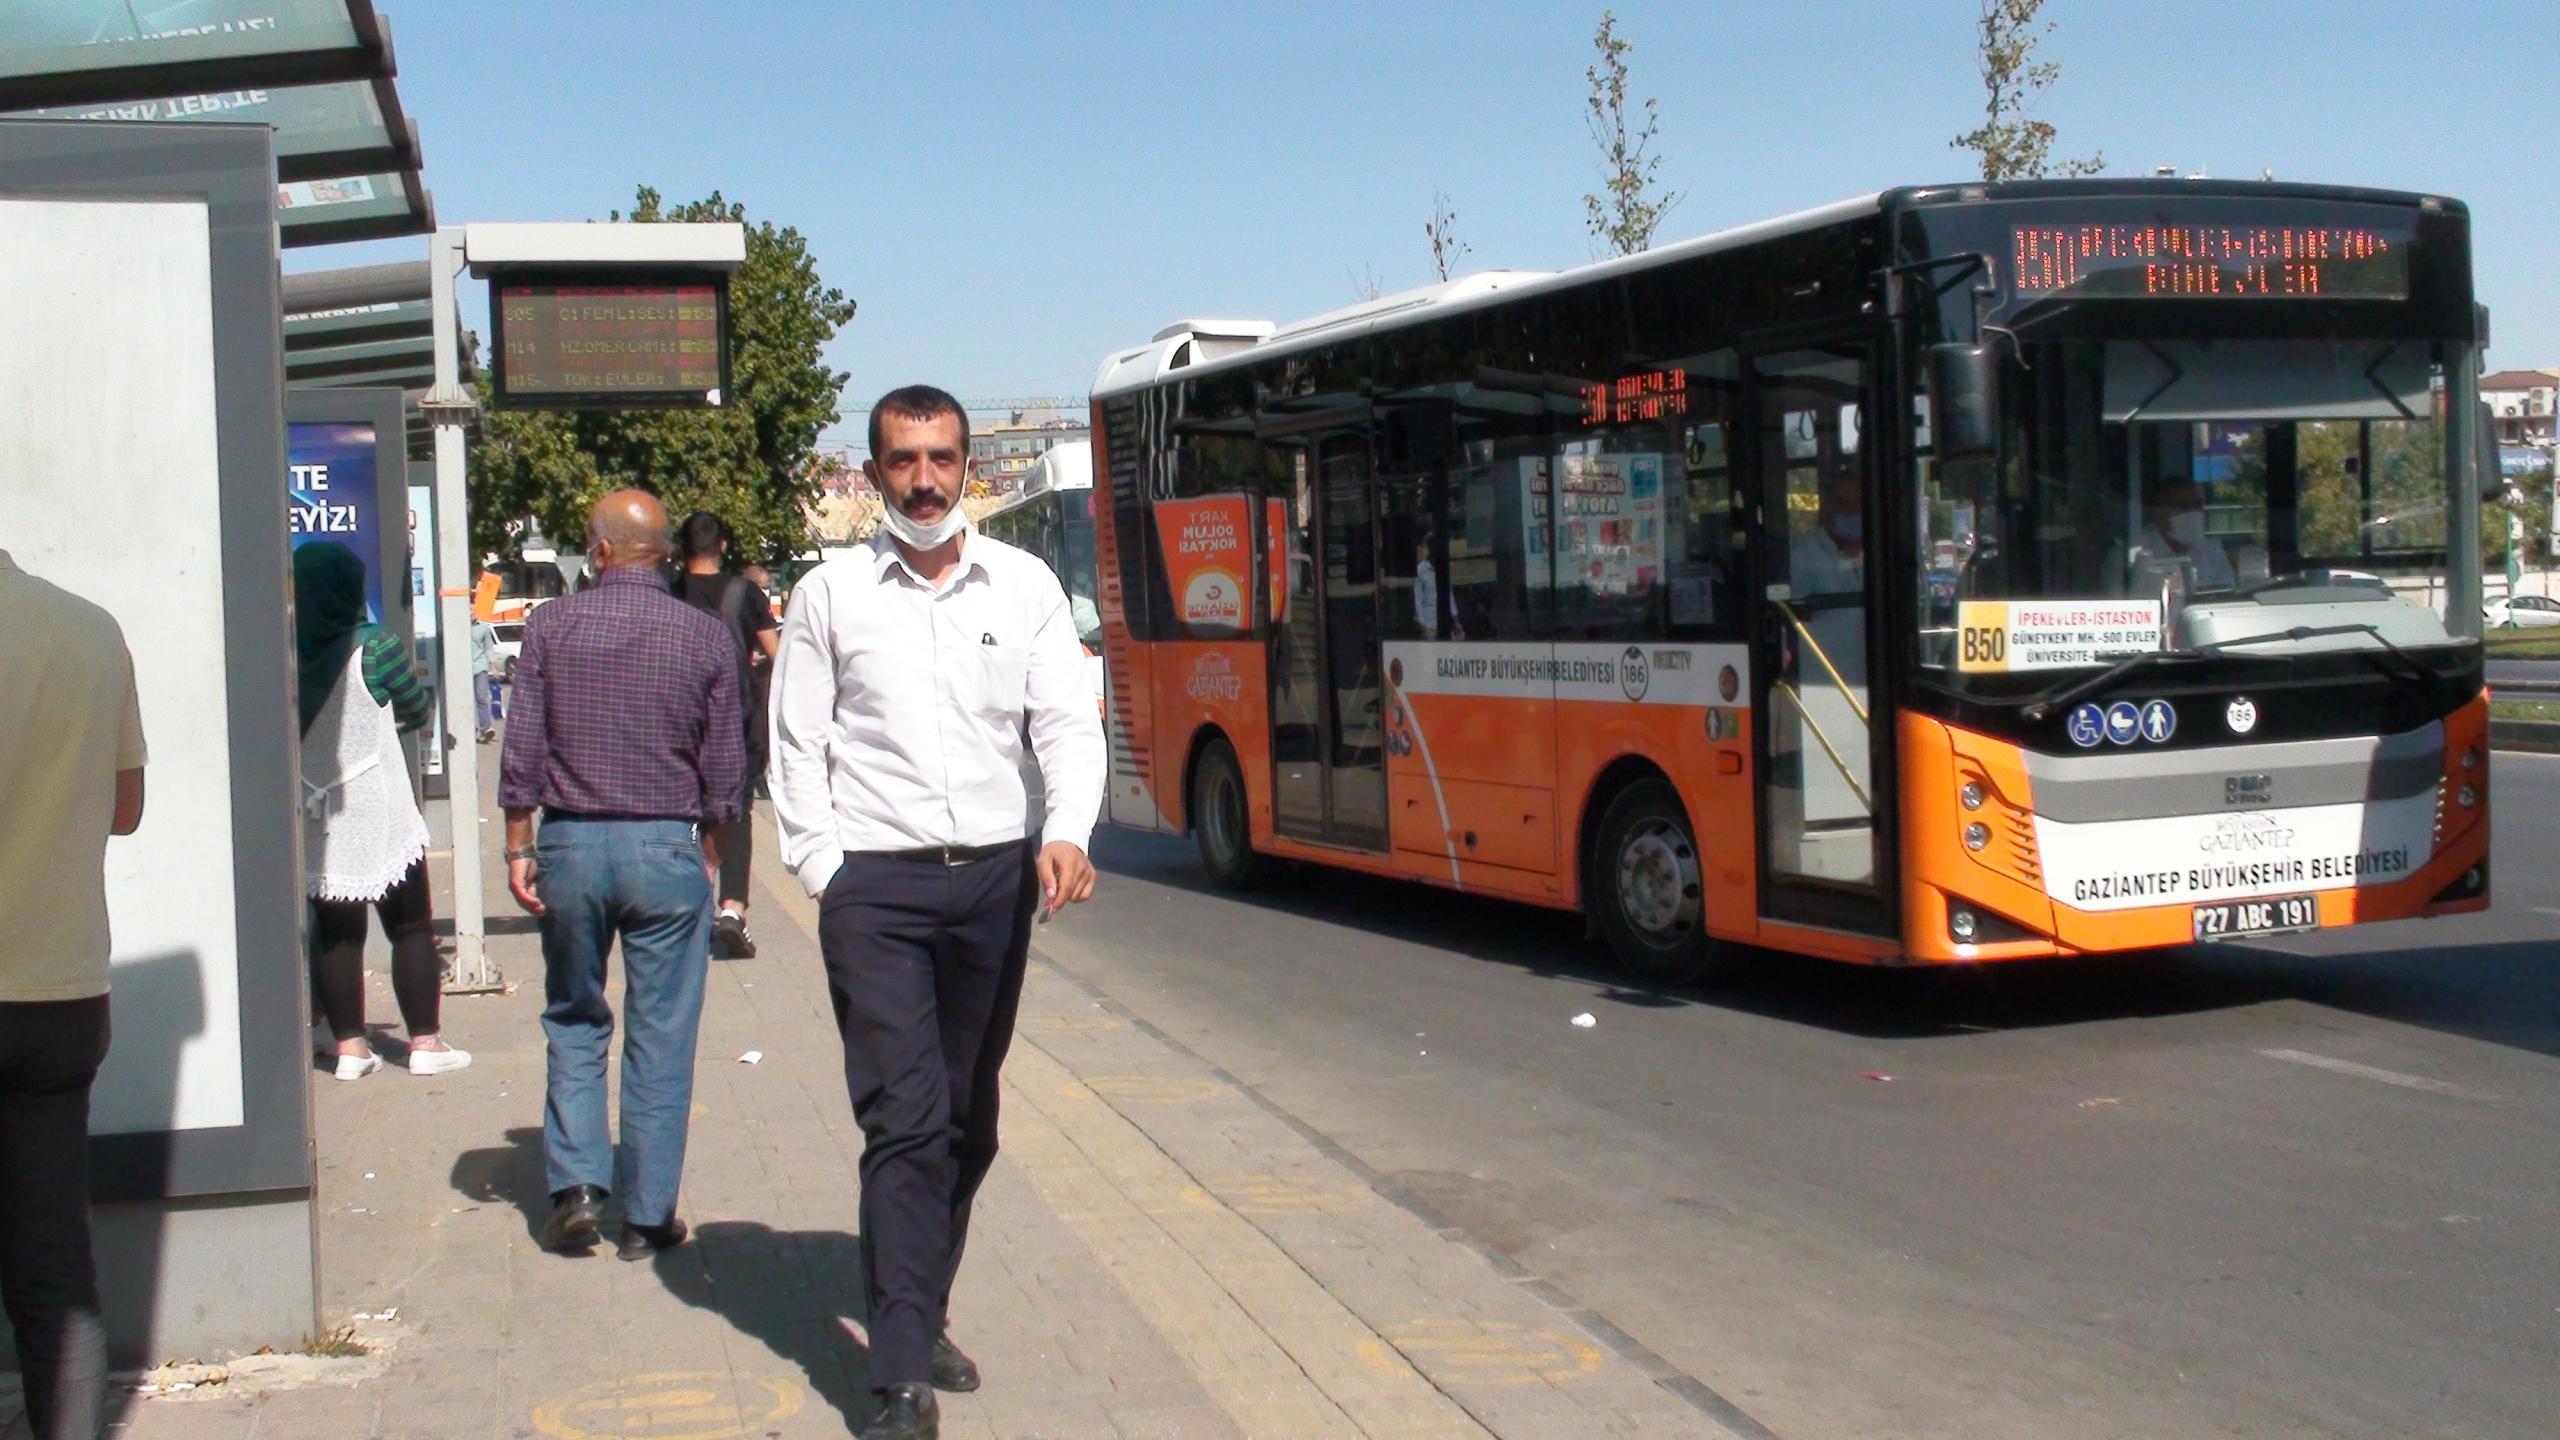 Gaziantep'te Kovid-19 tedbirlerine uymayan yüzlerce kişiye cezai işlem uygulandı